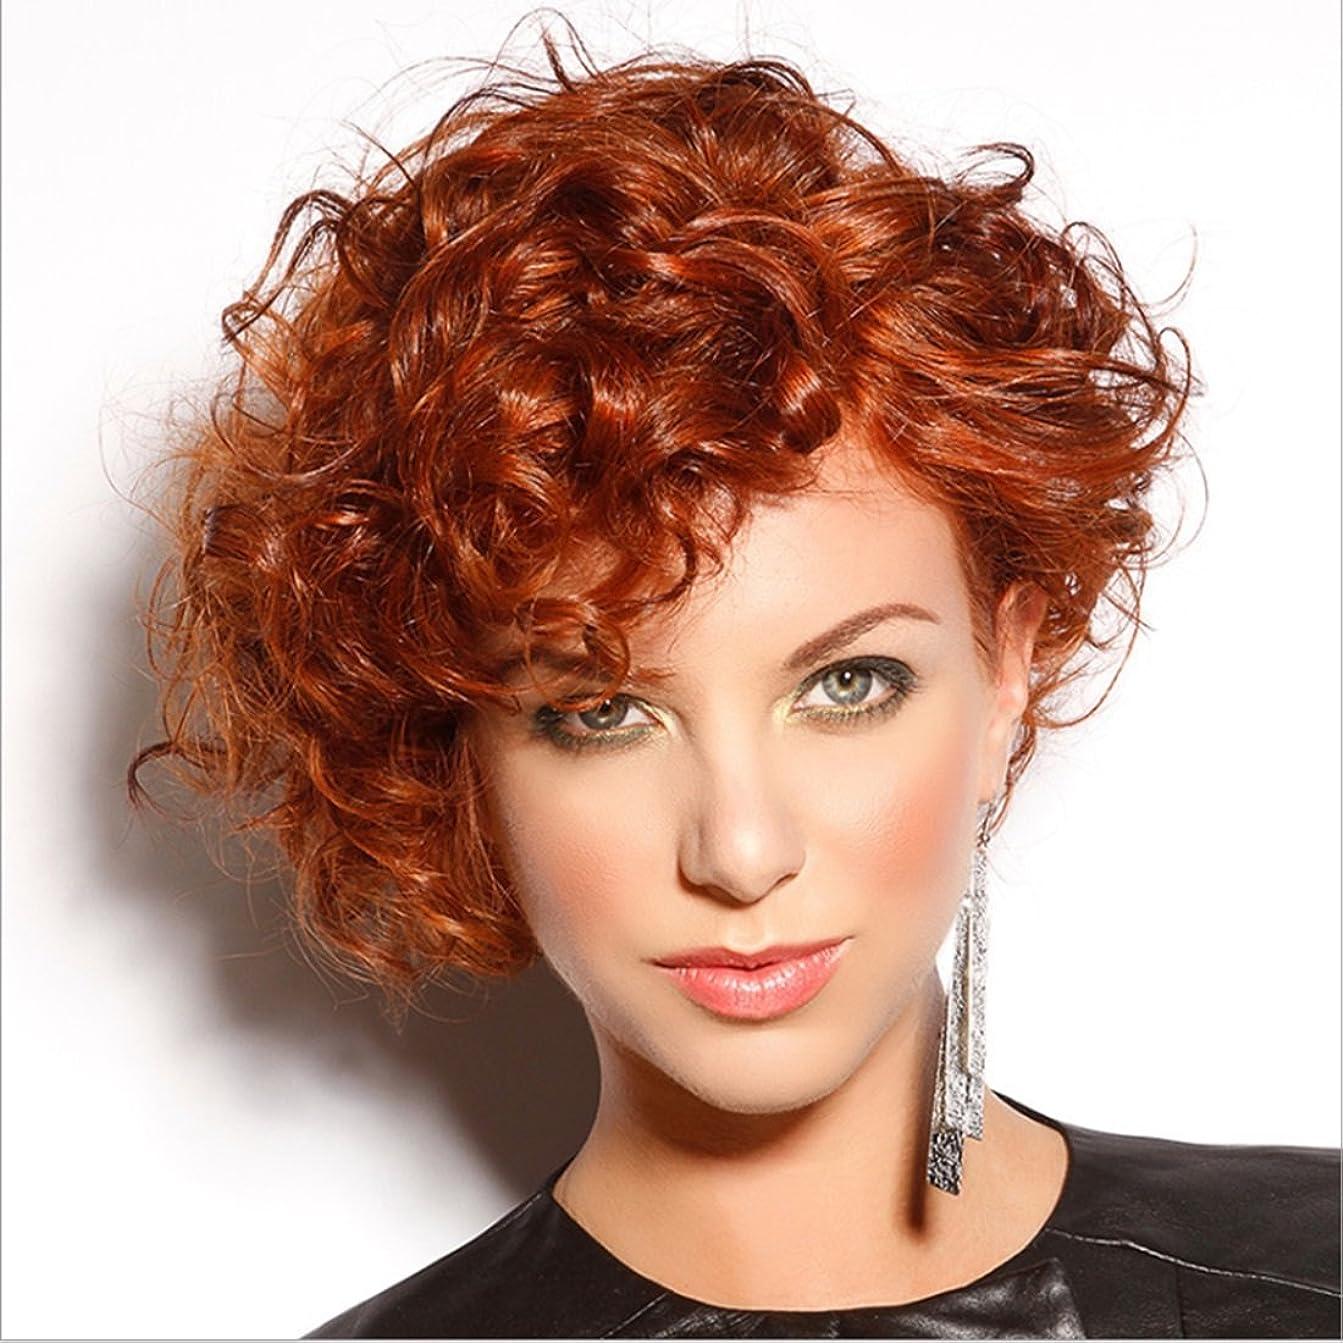 追加する手を差し伸べる繊維YOUQIU 青少年の人格の女性のかつらのための部分的な斜め前髪ウィッグで女子ショートカーリーヘア用20センチメートルボボヘッドウィッグ (色 : ワインレッド)